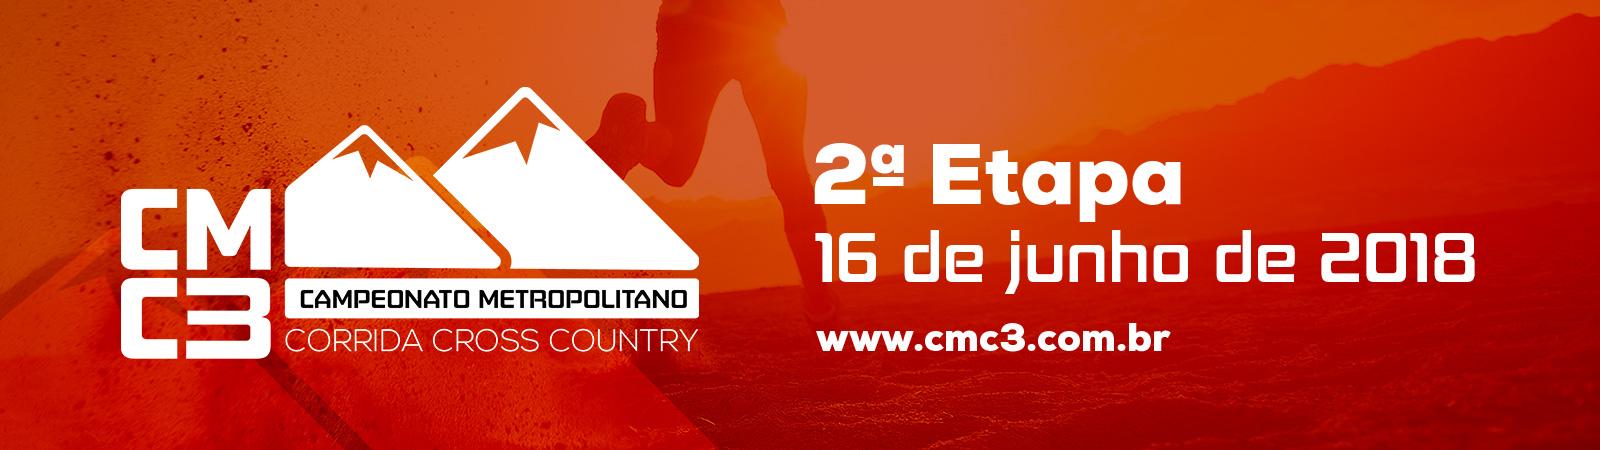 CMC3 - CAMPEONATO METROPOLITANO DE CORRIDA CROSS COUNTRY - 2ª ETAPA - Imagem de topo